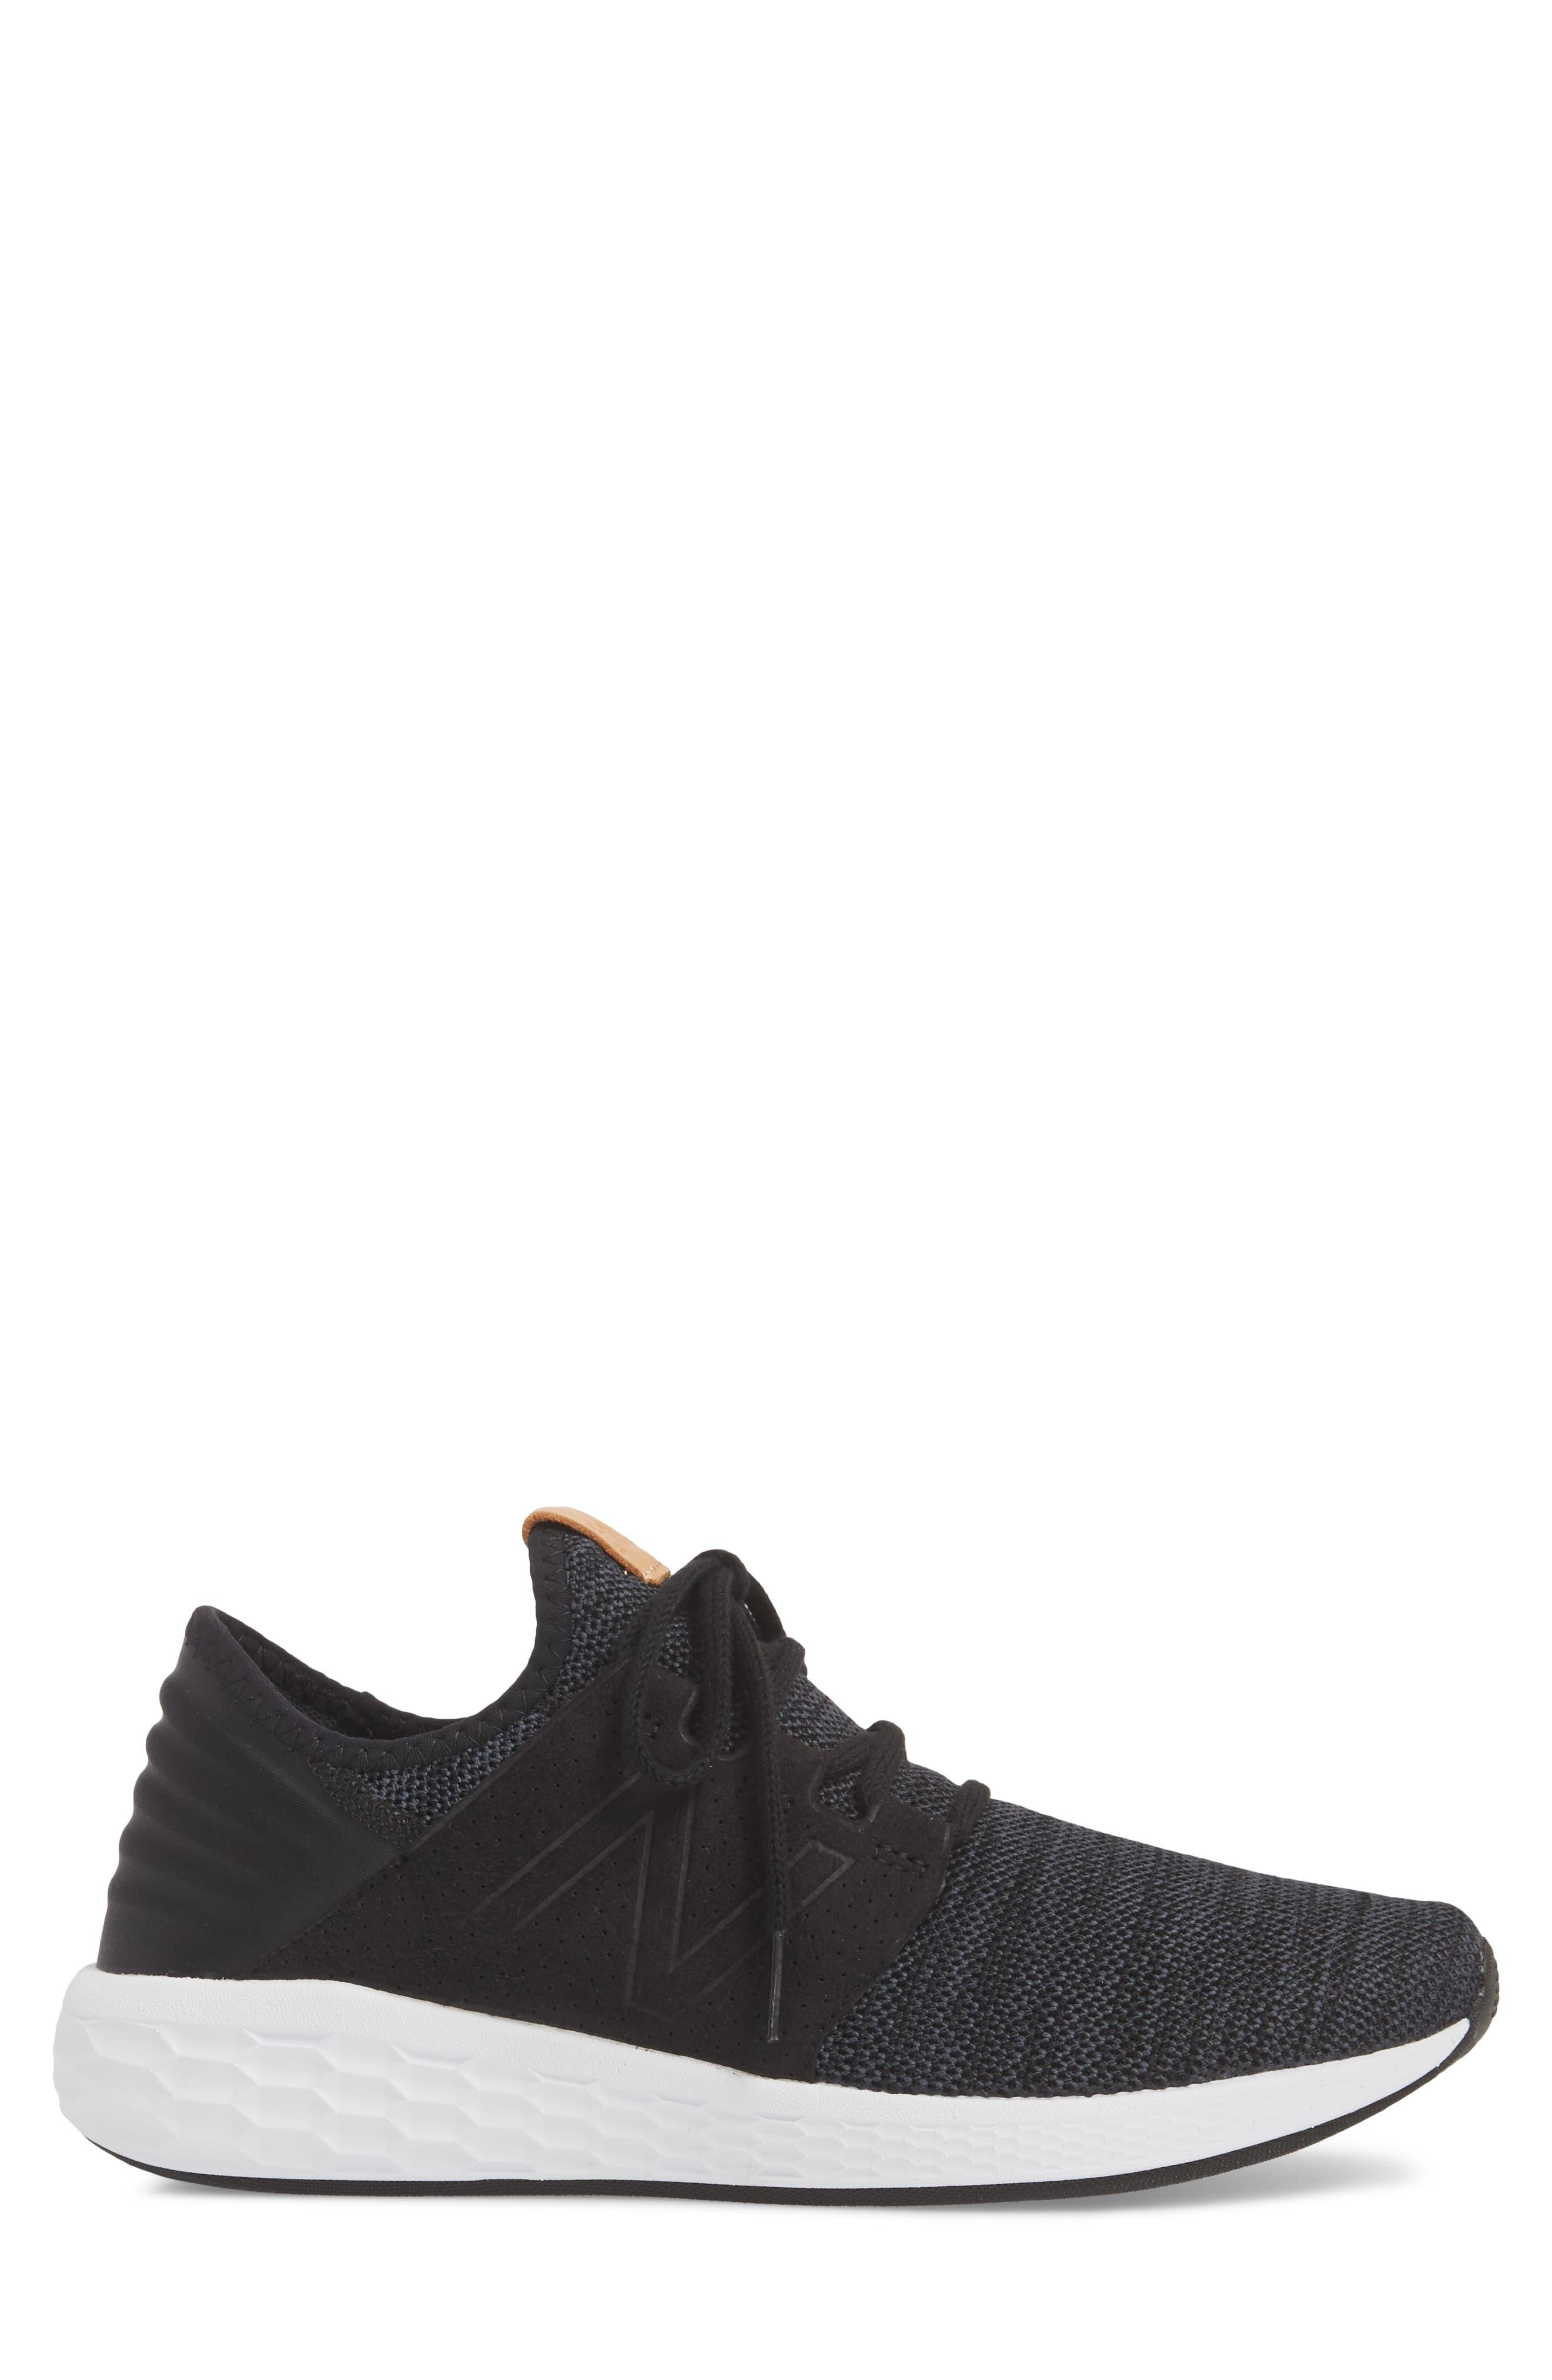 Fresh Foam Cruz v2 Knit Running Shoe,                             Alternate thumbnail 6, color,                             Black/ White